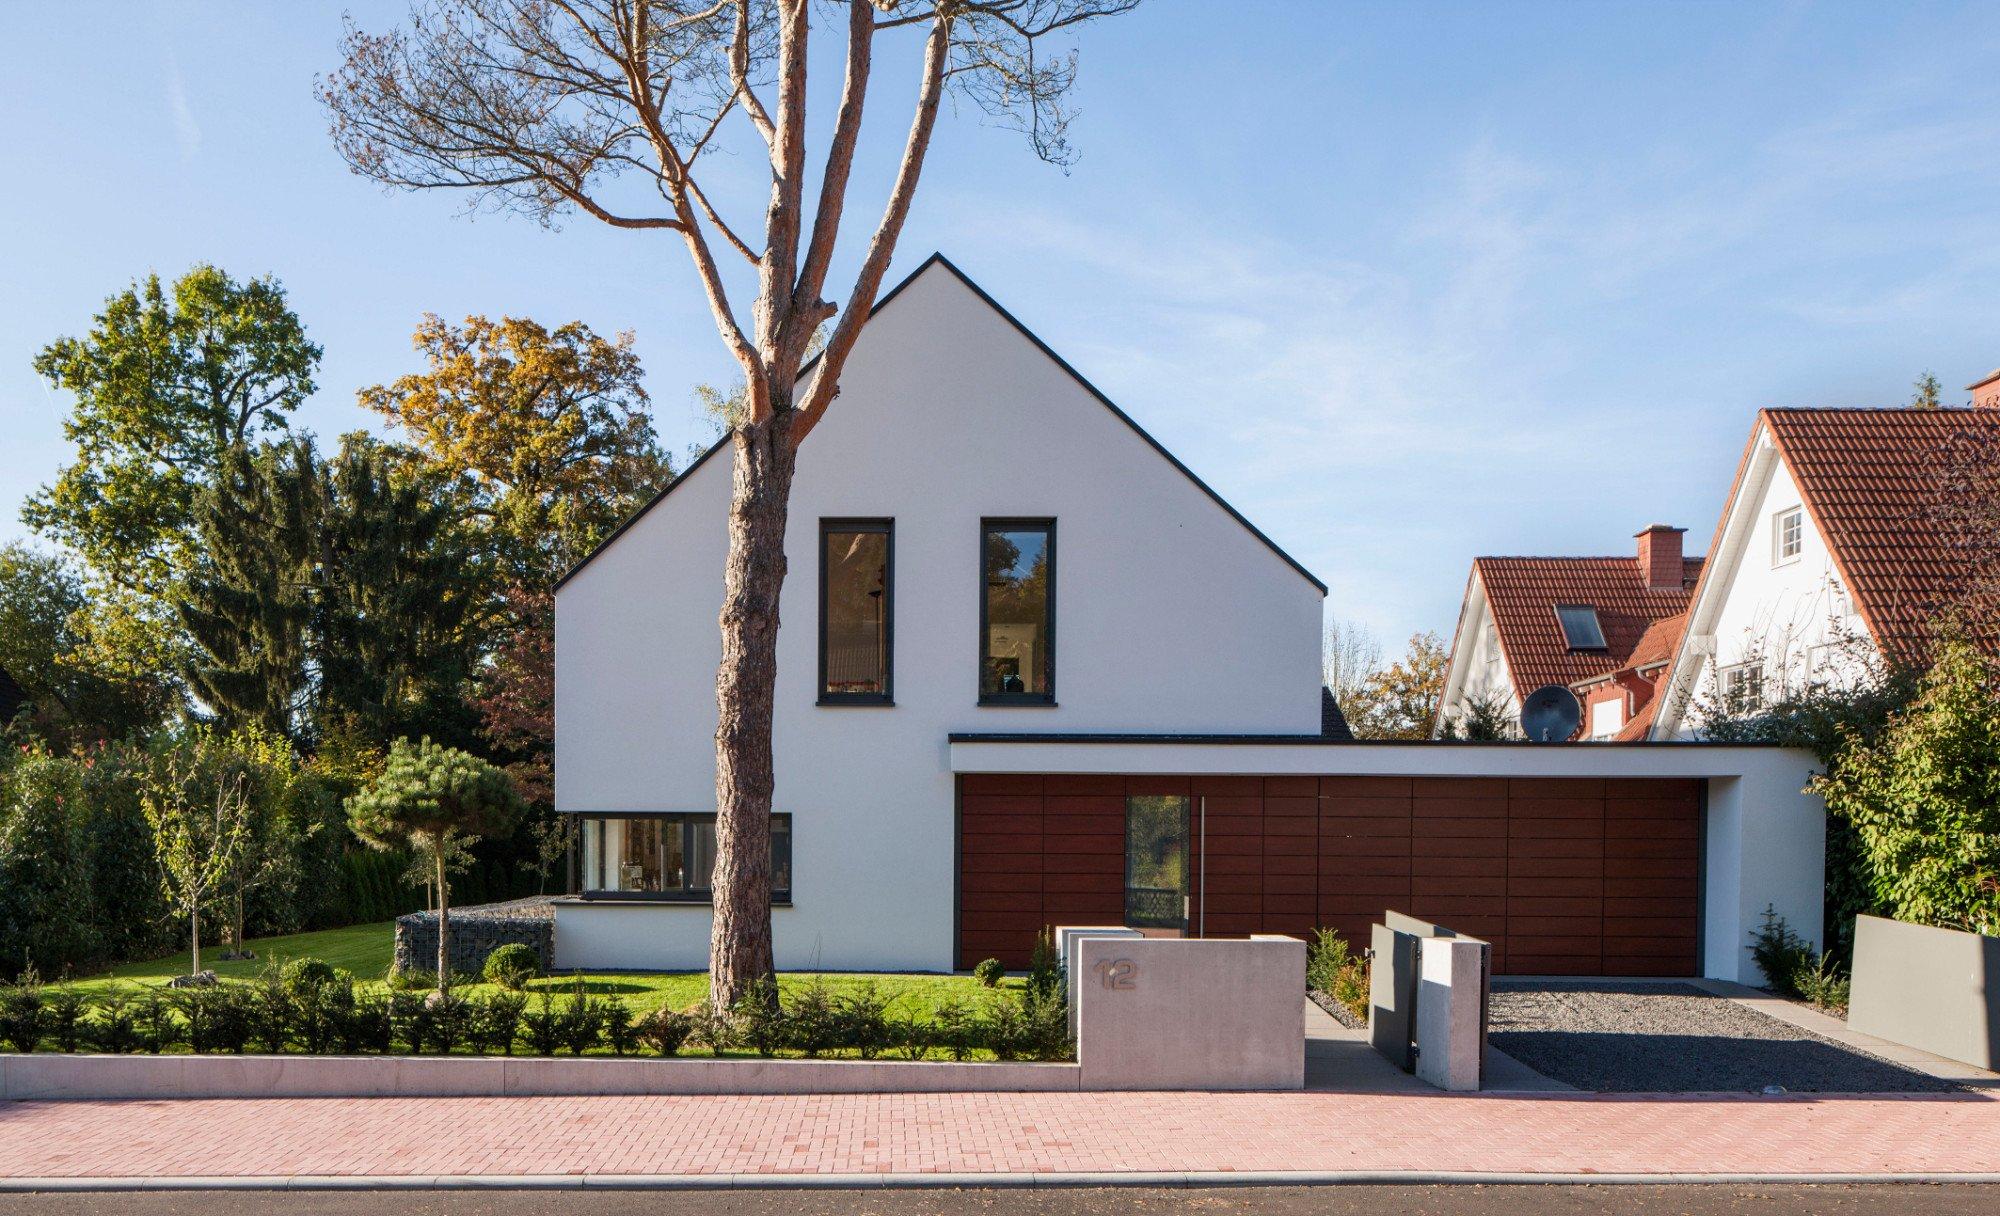 Wohnhaus in bad homburg gesund bauen wohnen baunetz for Wohnhaus bauen